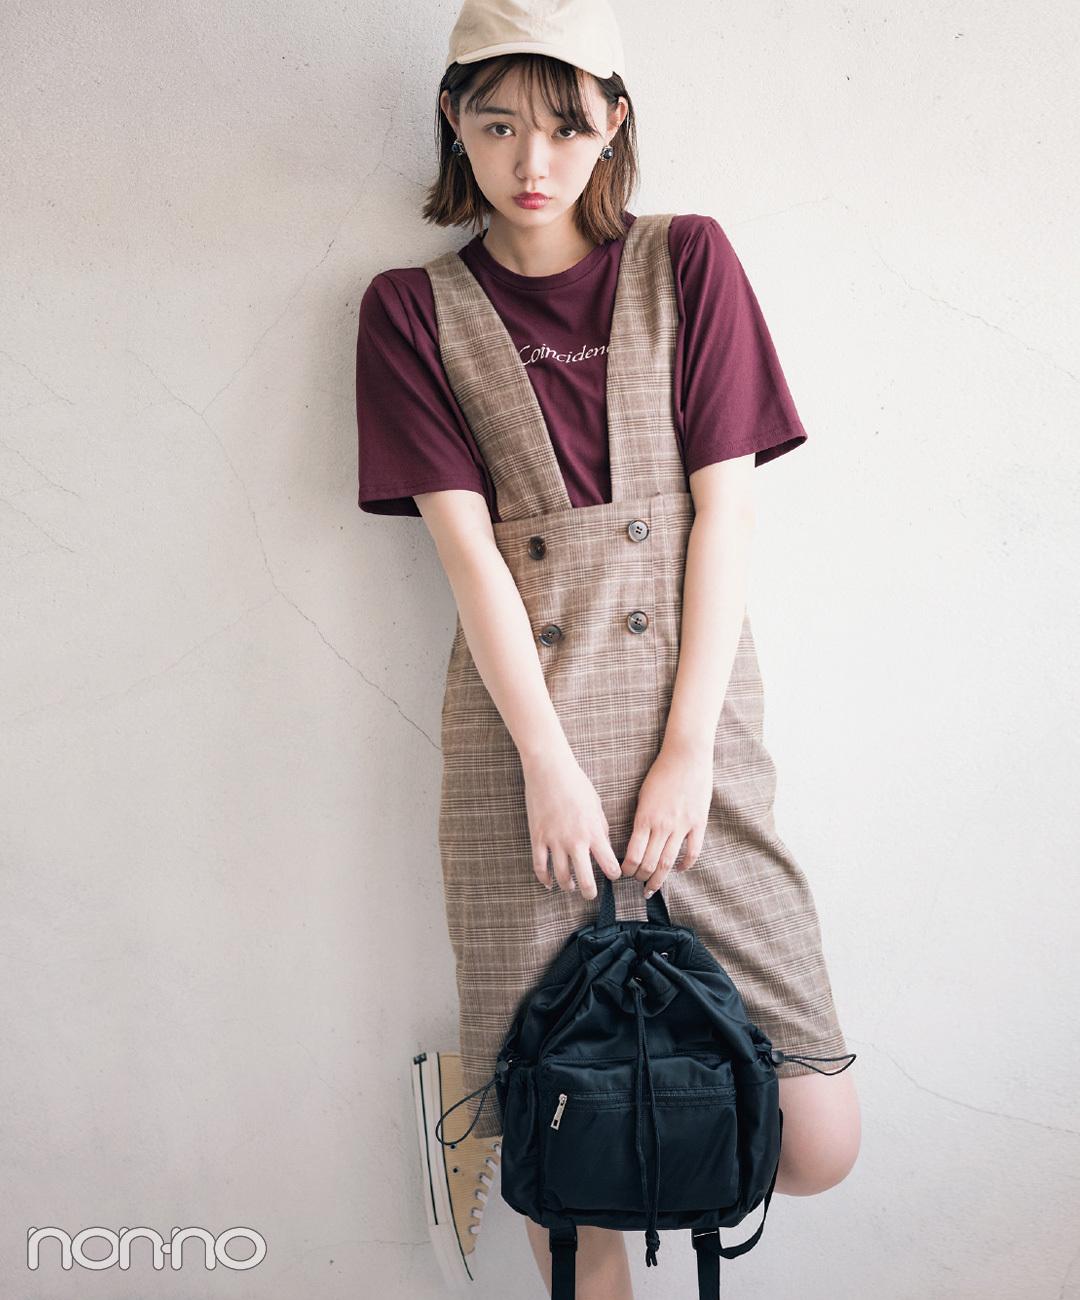 【グレンチェックコーデ】江野沢愛美は、ロゴT&スポ小物でおちゃめに楽しむ!